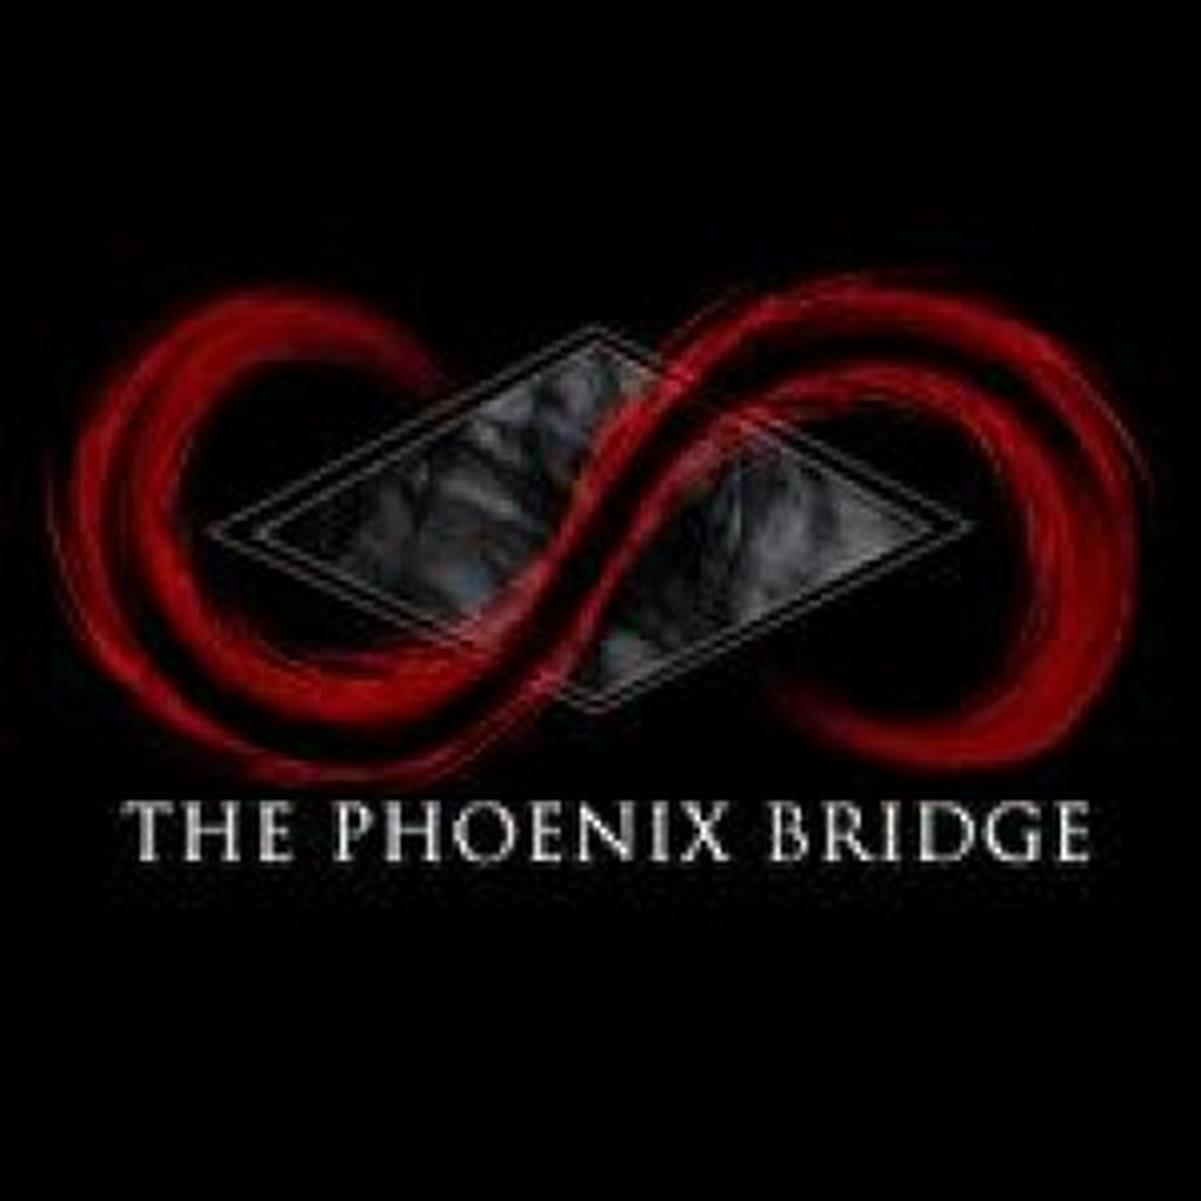 The Phoenix Bridge